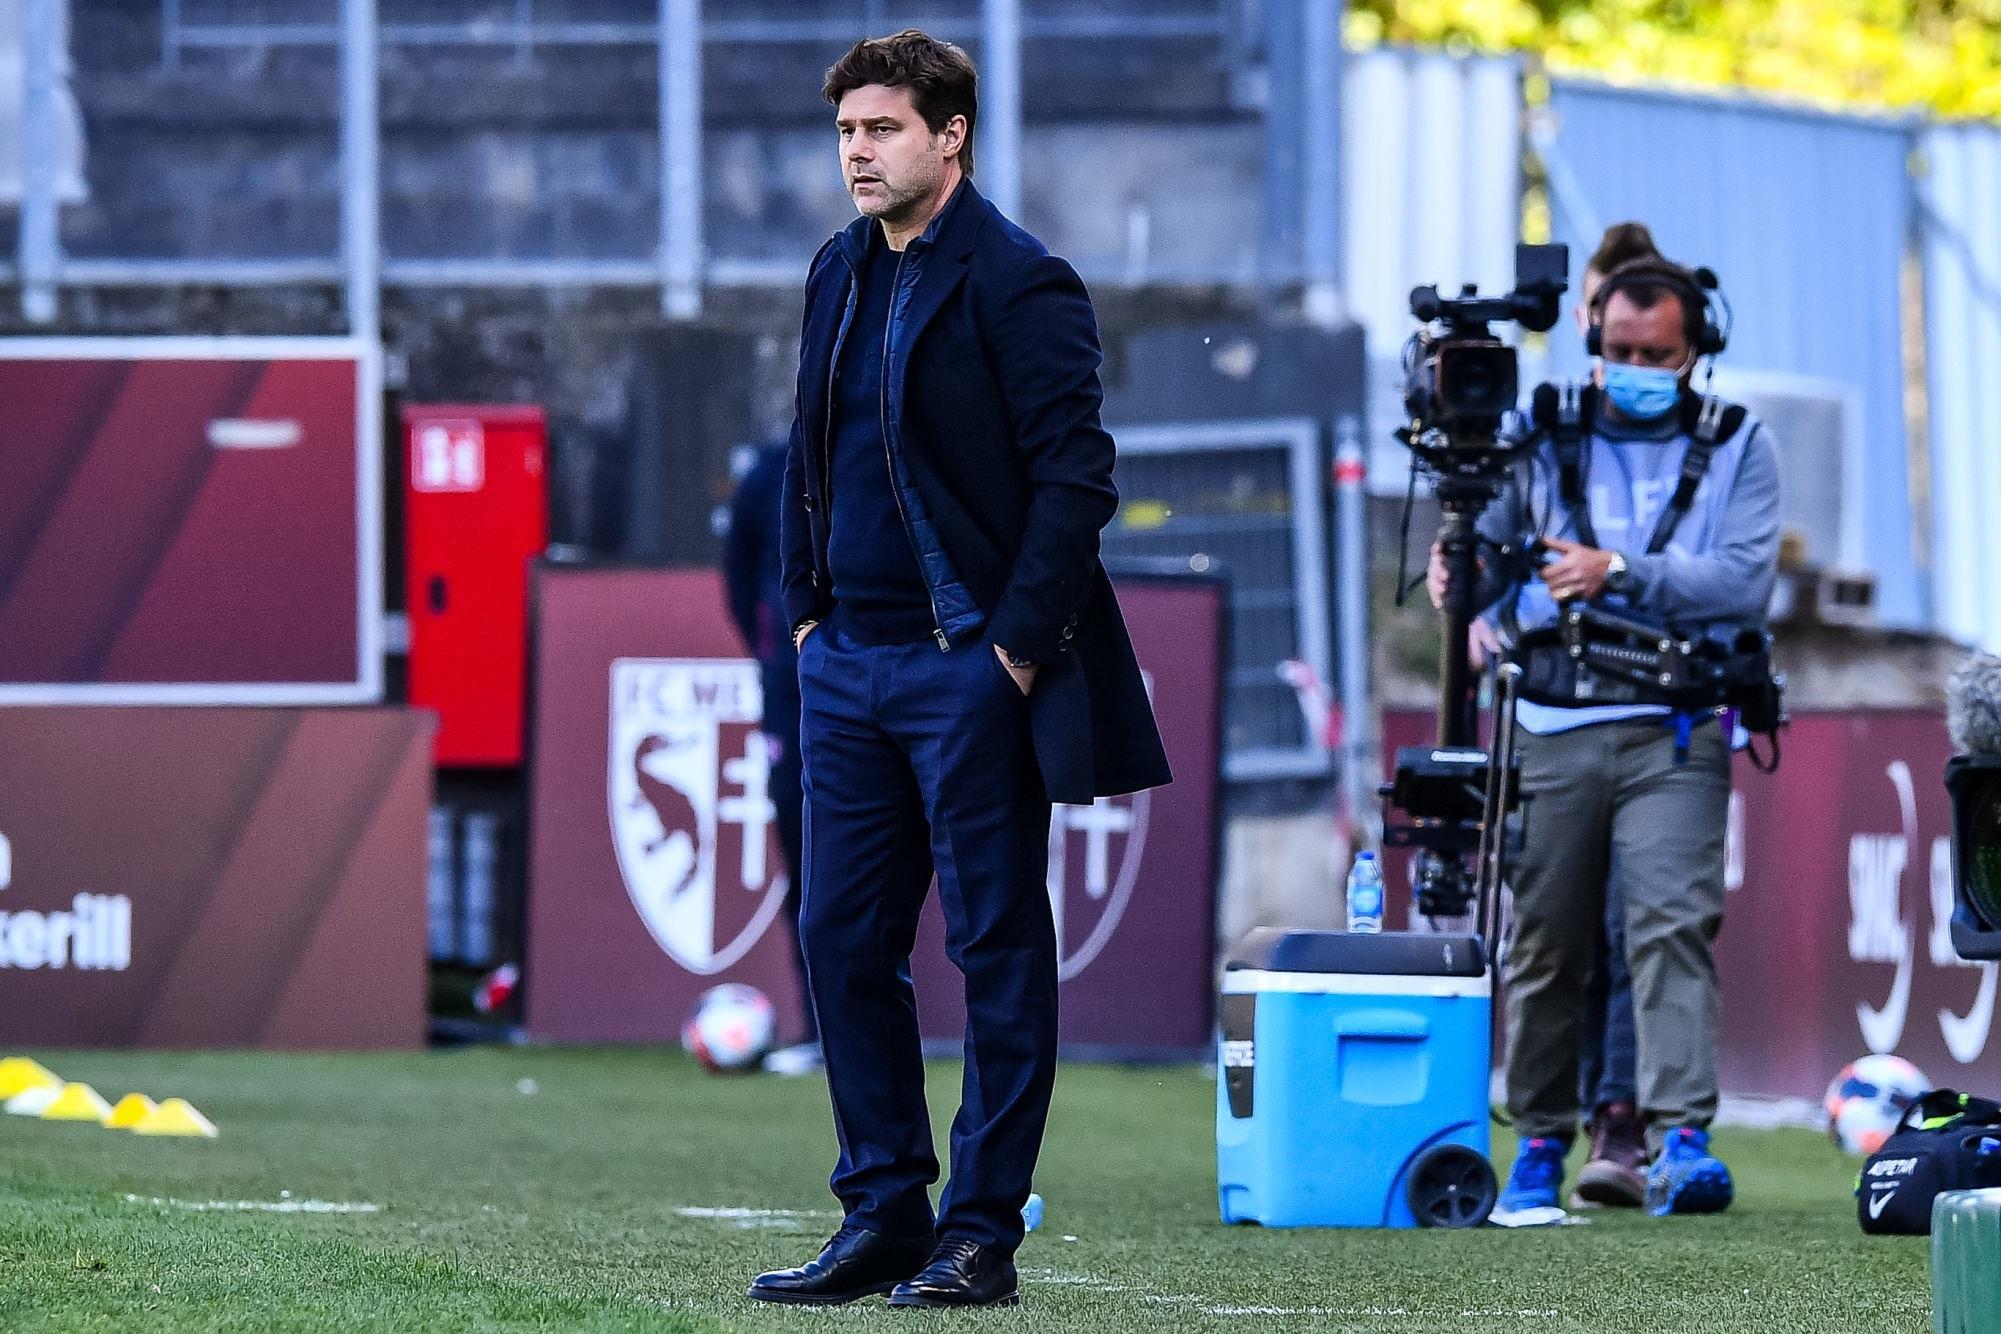 MetzPSG - Pochettino évoque Mbappé, la victoire et Manchester City